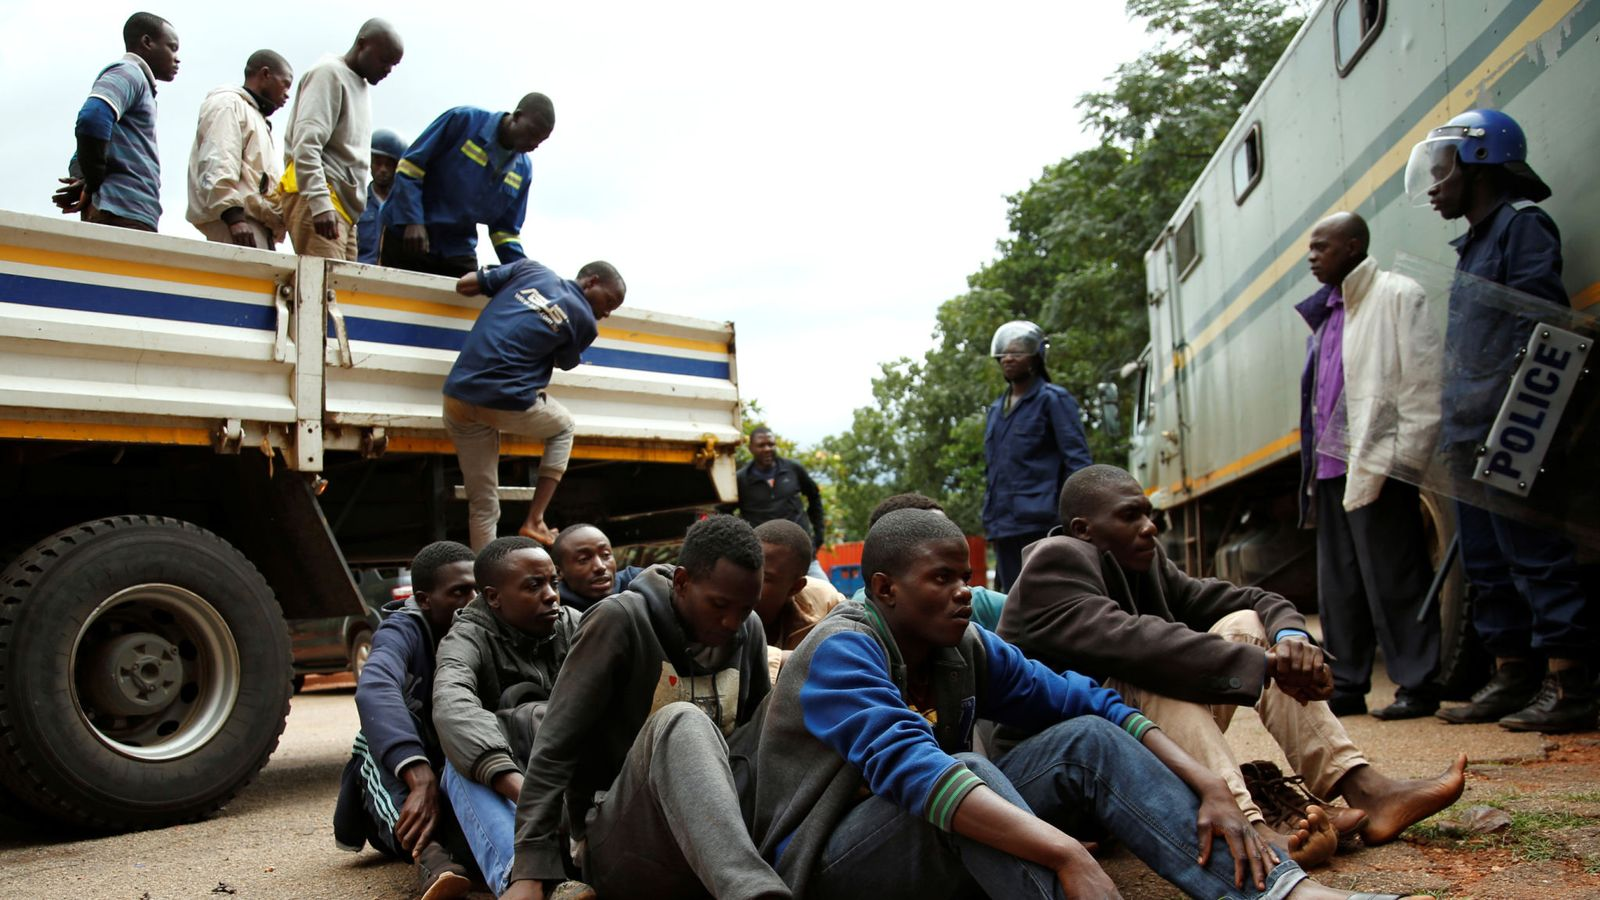 skynews-zimbabwe-harare-world_4553535.jpg